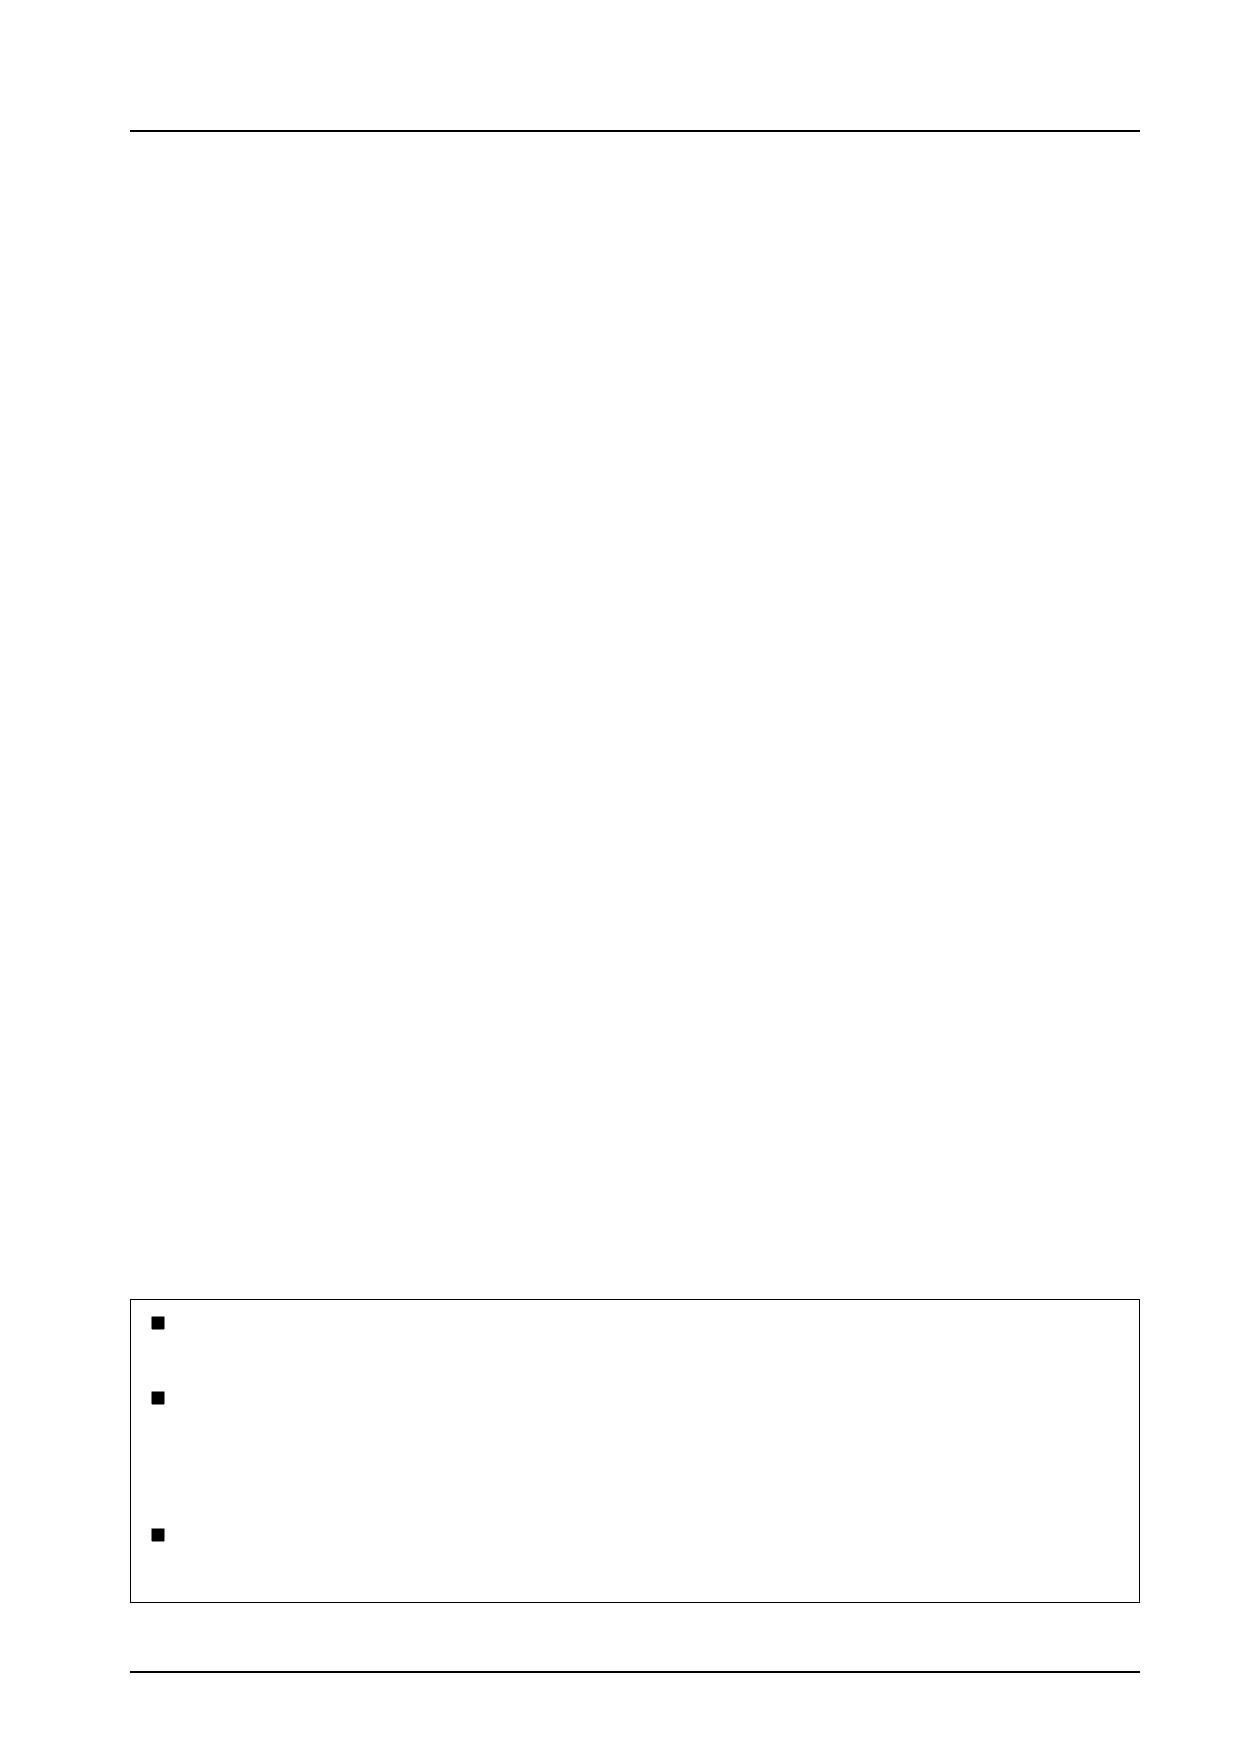 LA1185 pdf